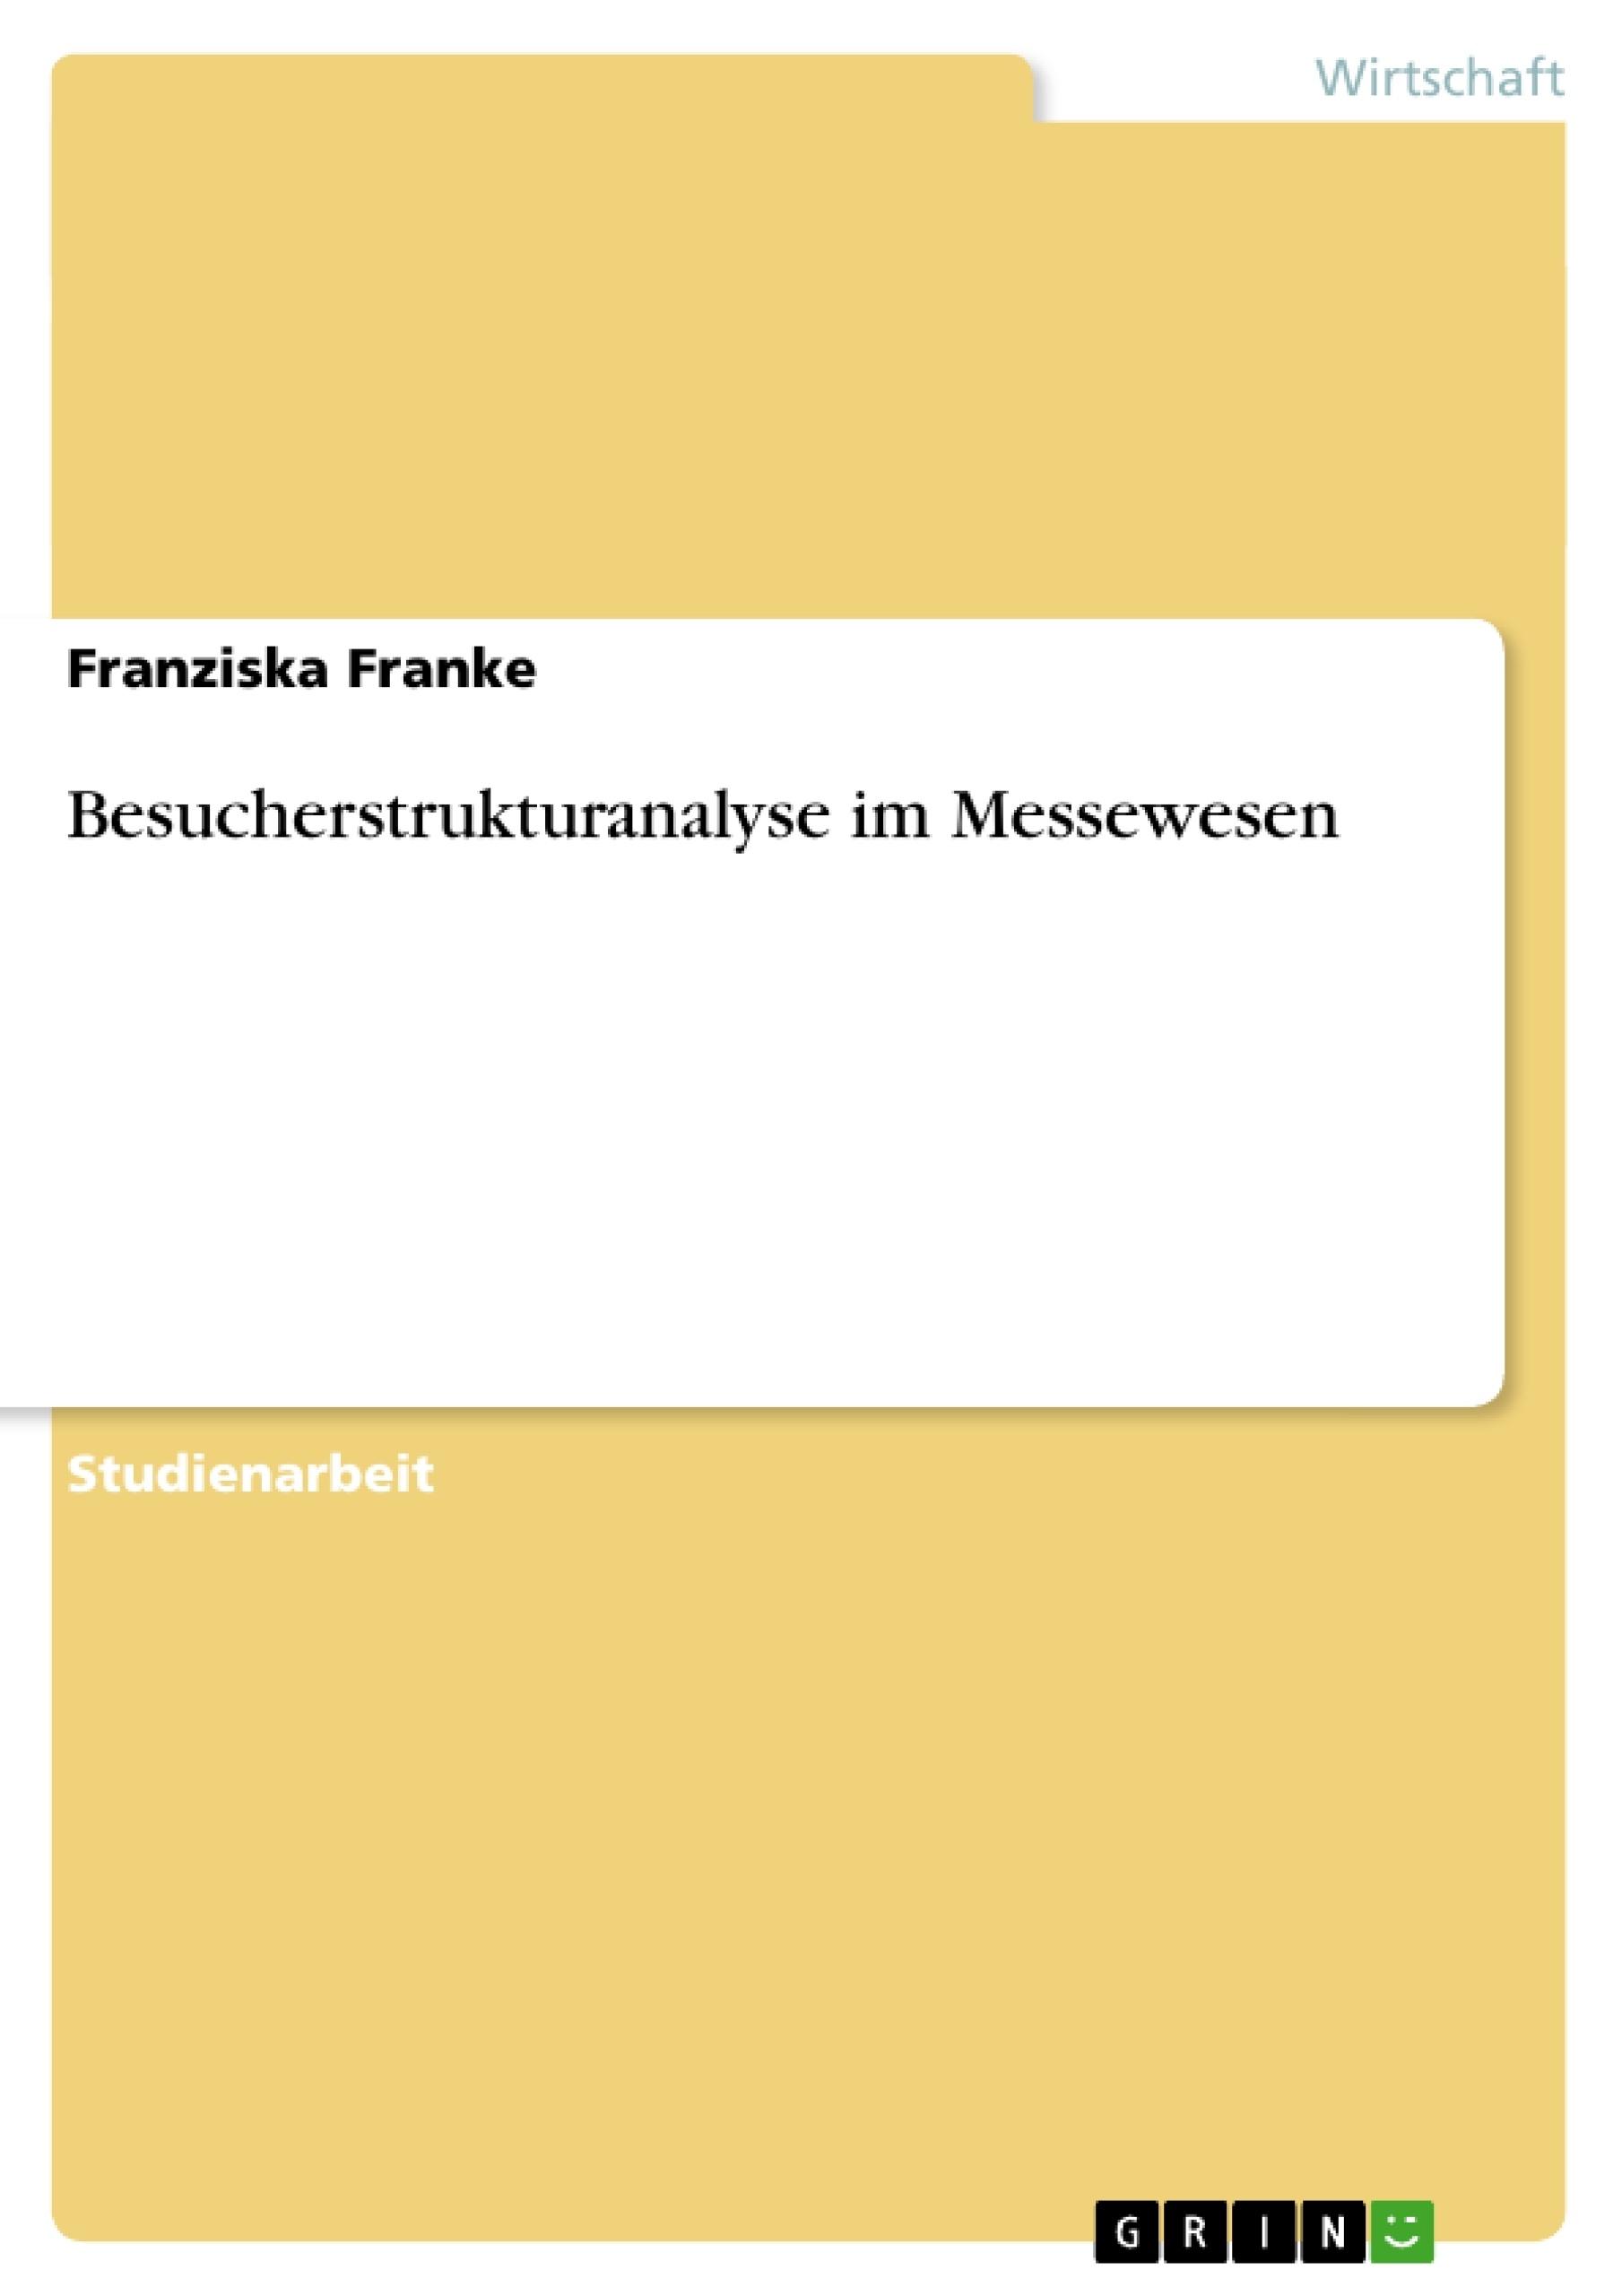 Titel: Besucherstrukturanalyse im Messewesen